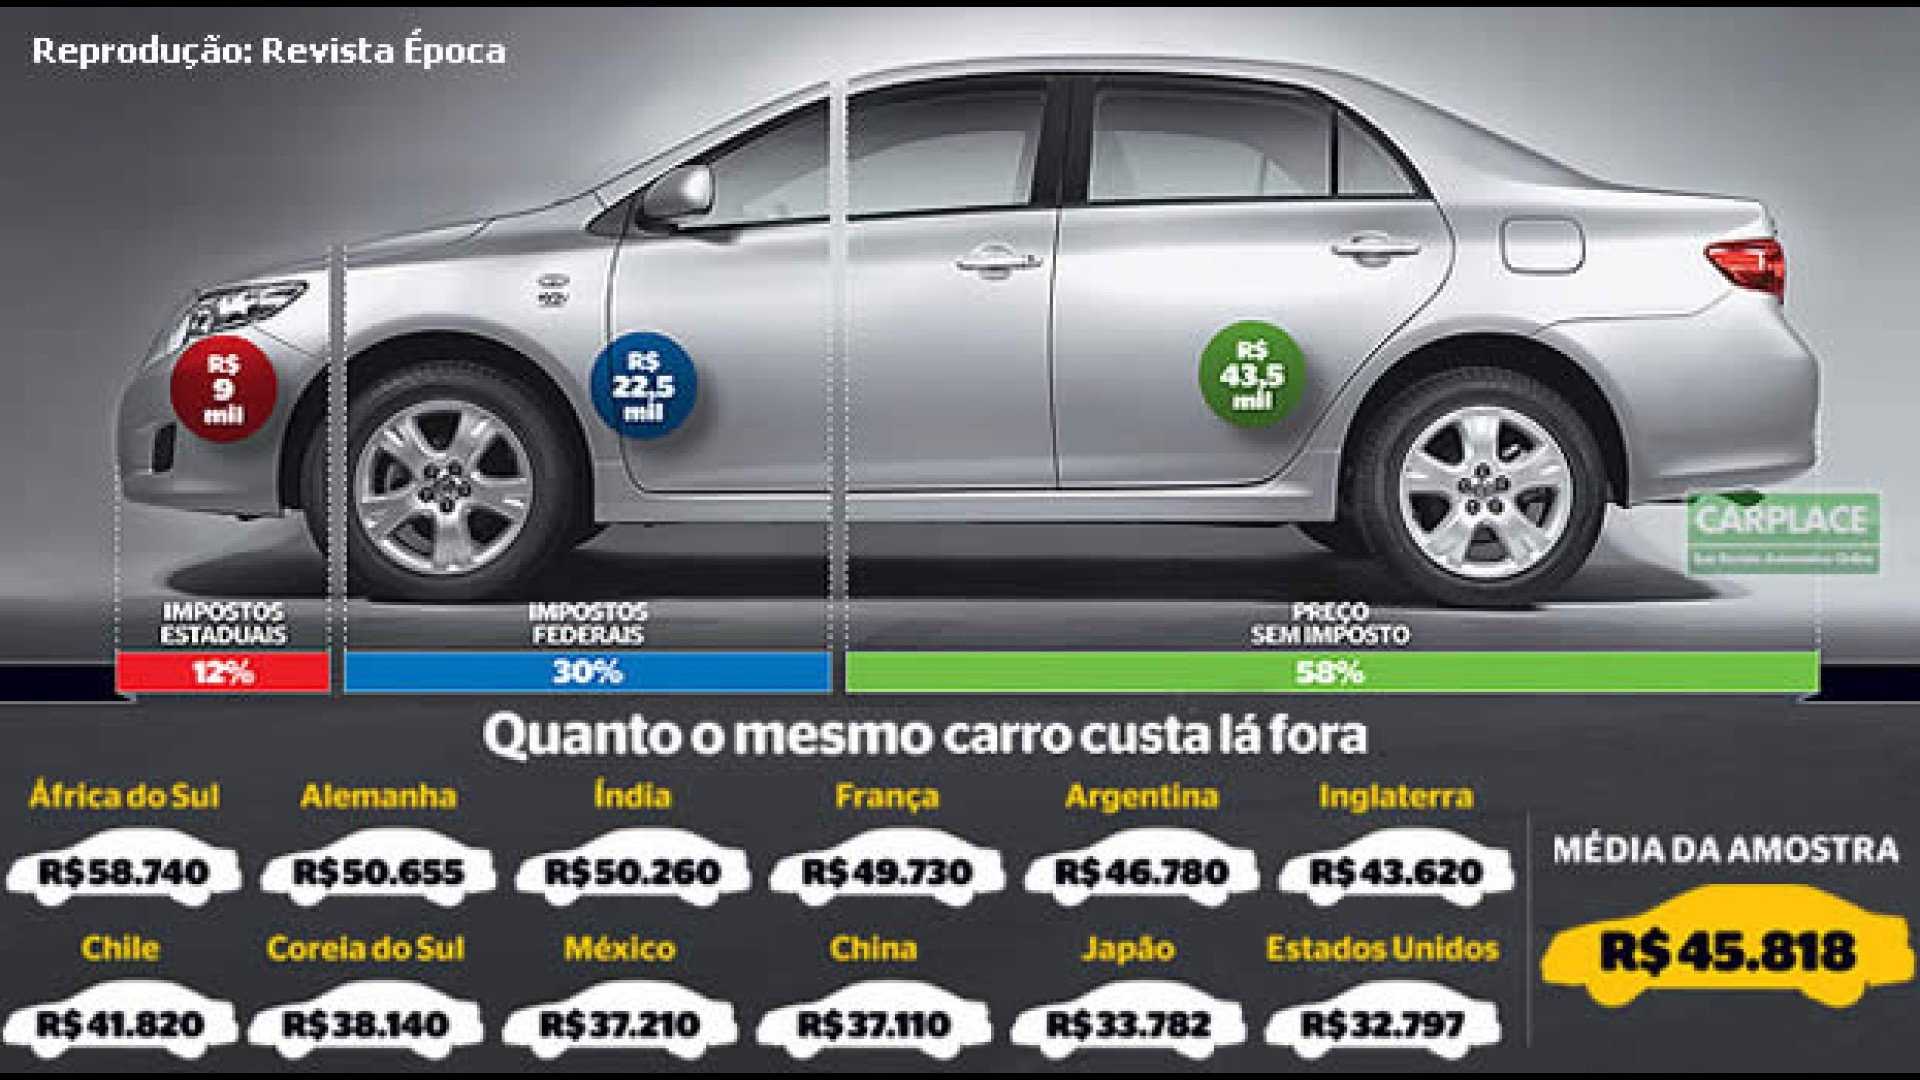 Porque Os Carros Sao Tao Caros No Brasil Joel Leite Explica Ou